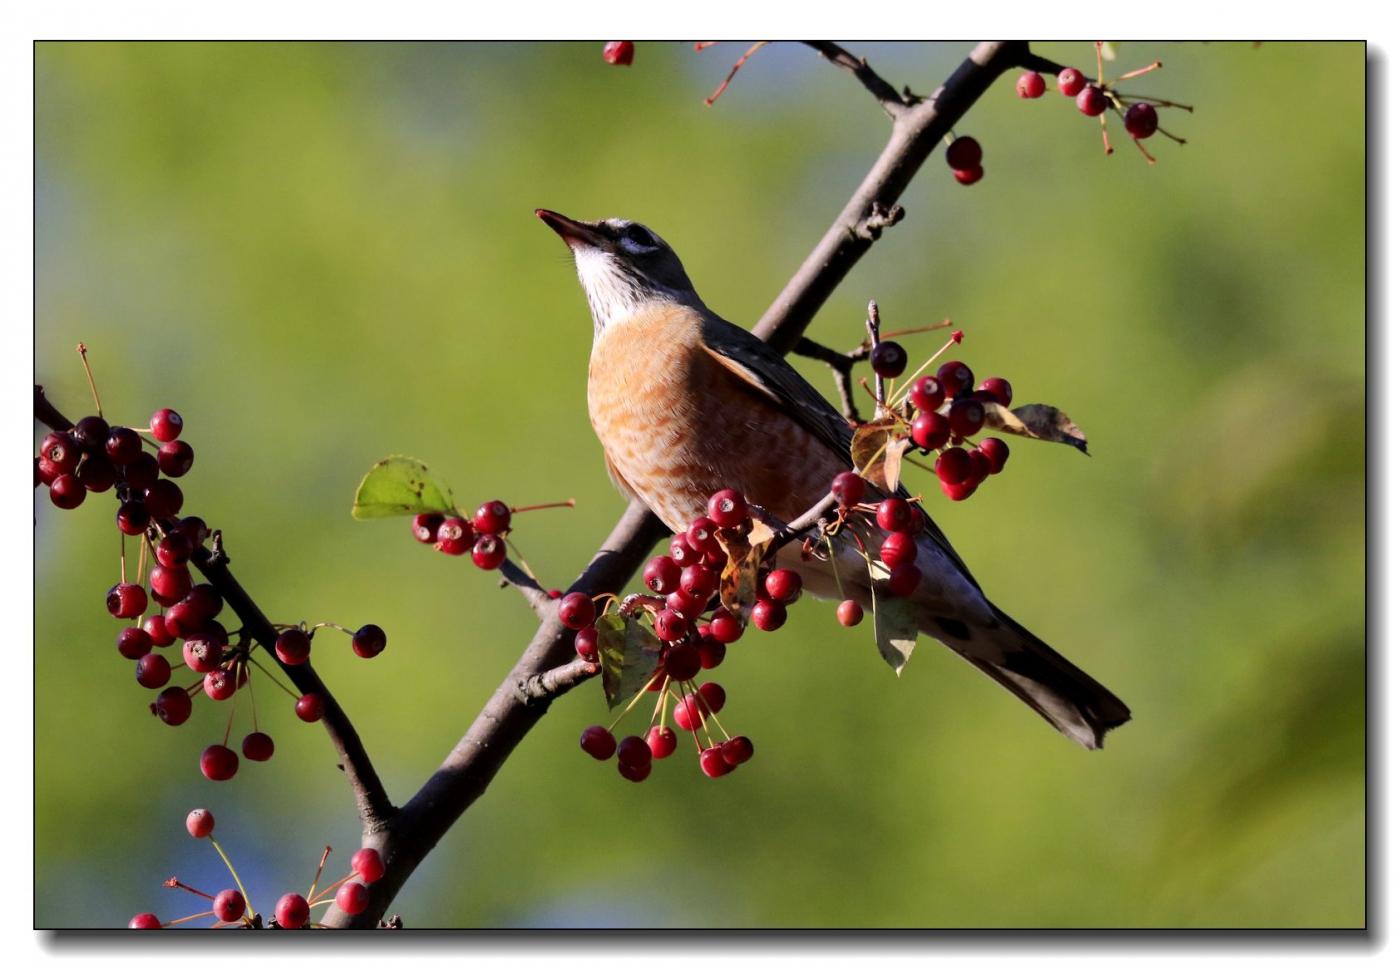 果熟鸟来图-知更鸟_图1-11